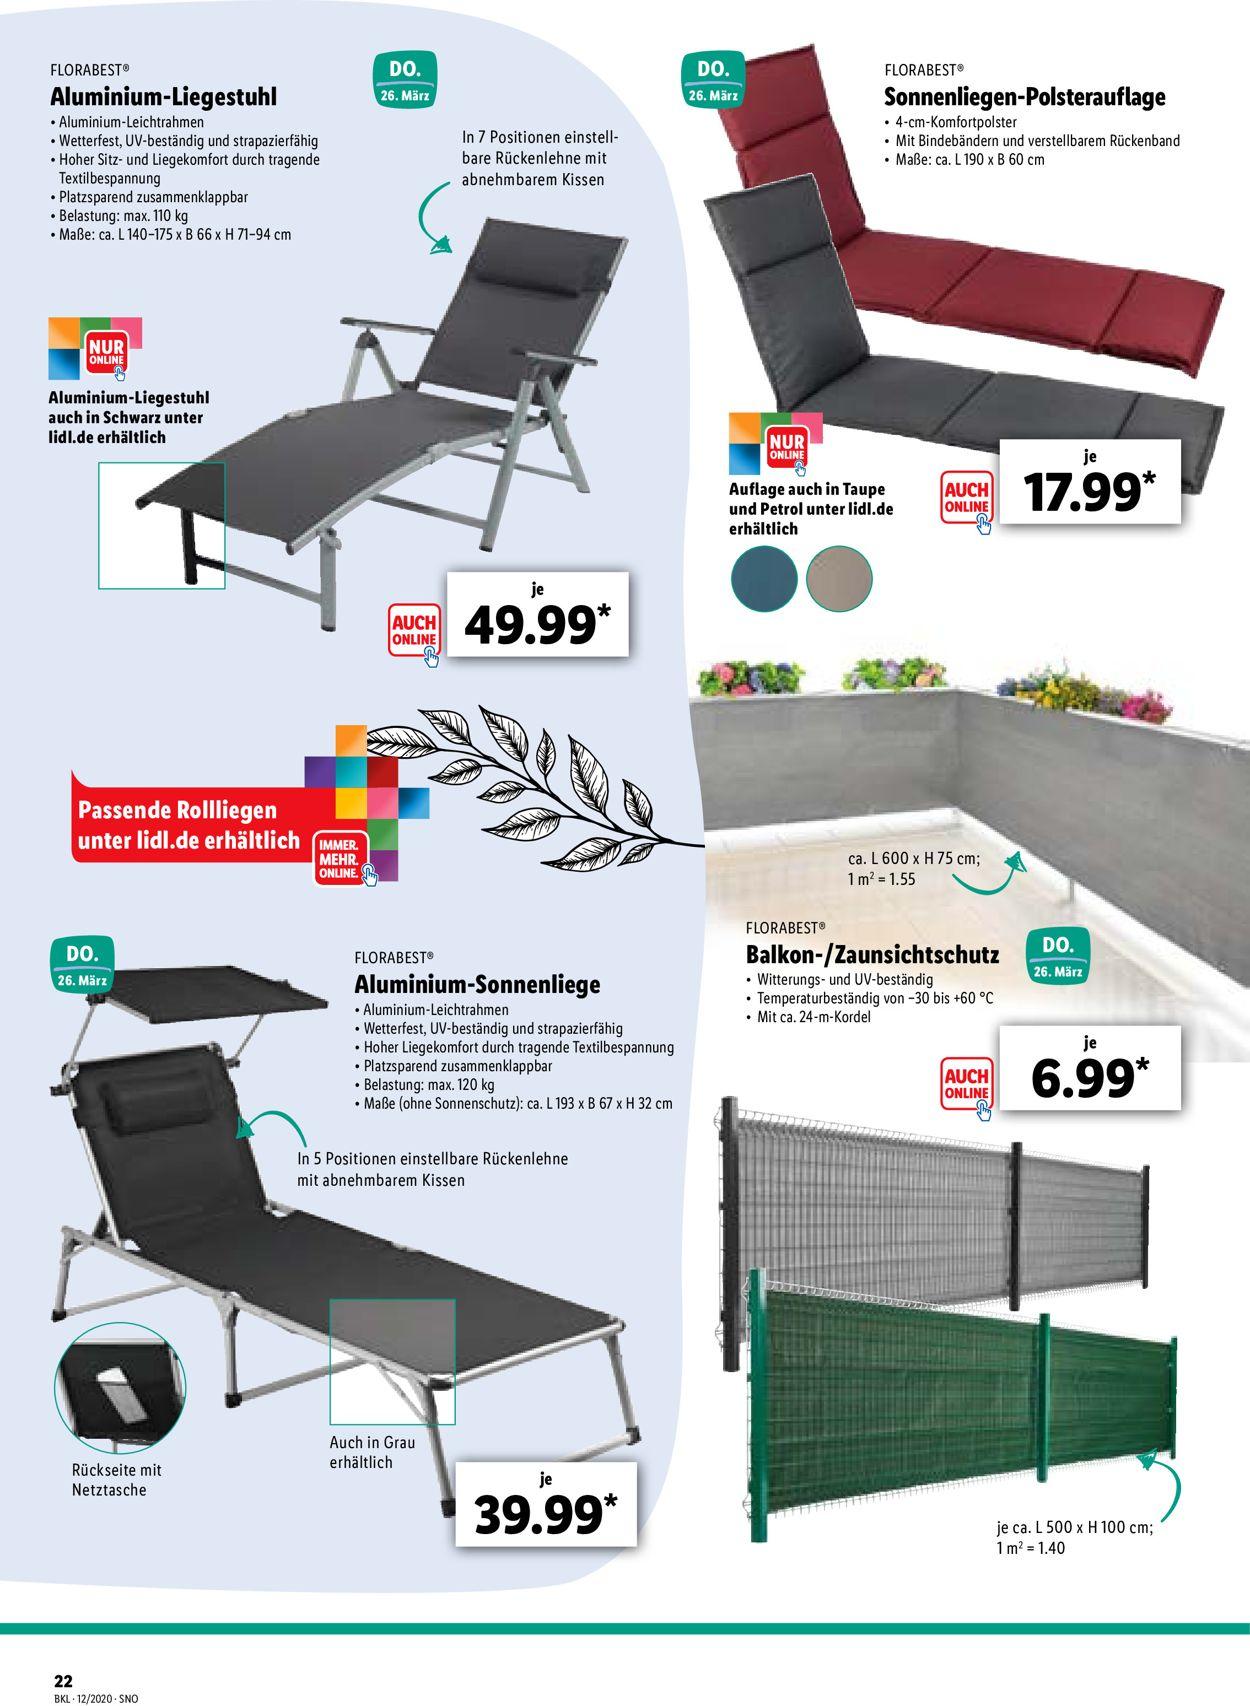 Full Size of Aluminium Liegestuhl Lidl Alu 2020 Camping Garten Schweiz Aktueller Prospekt 2303 31032020 22 Jedewoche Rabattede Wohnzimmer Liegestuhl Lidl